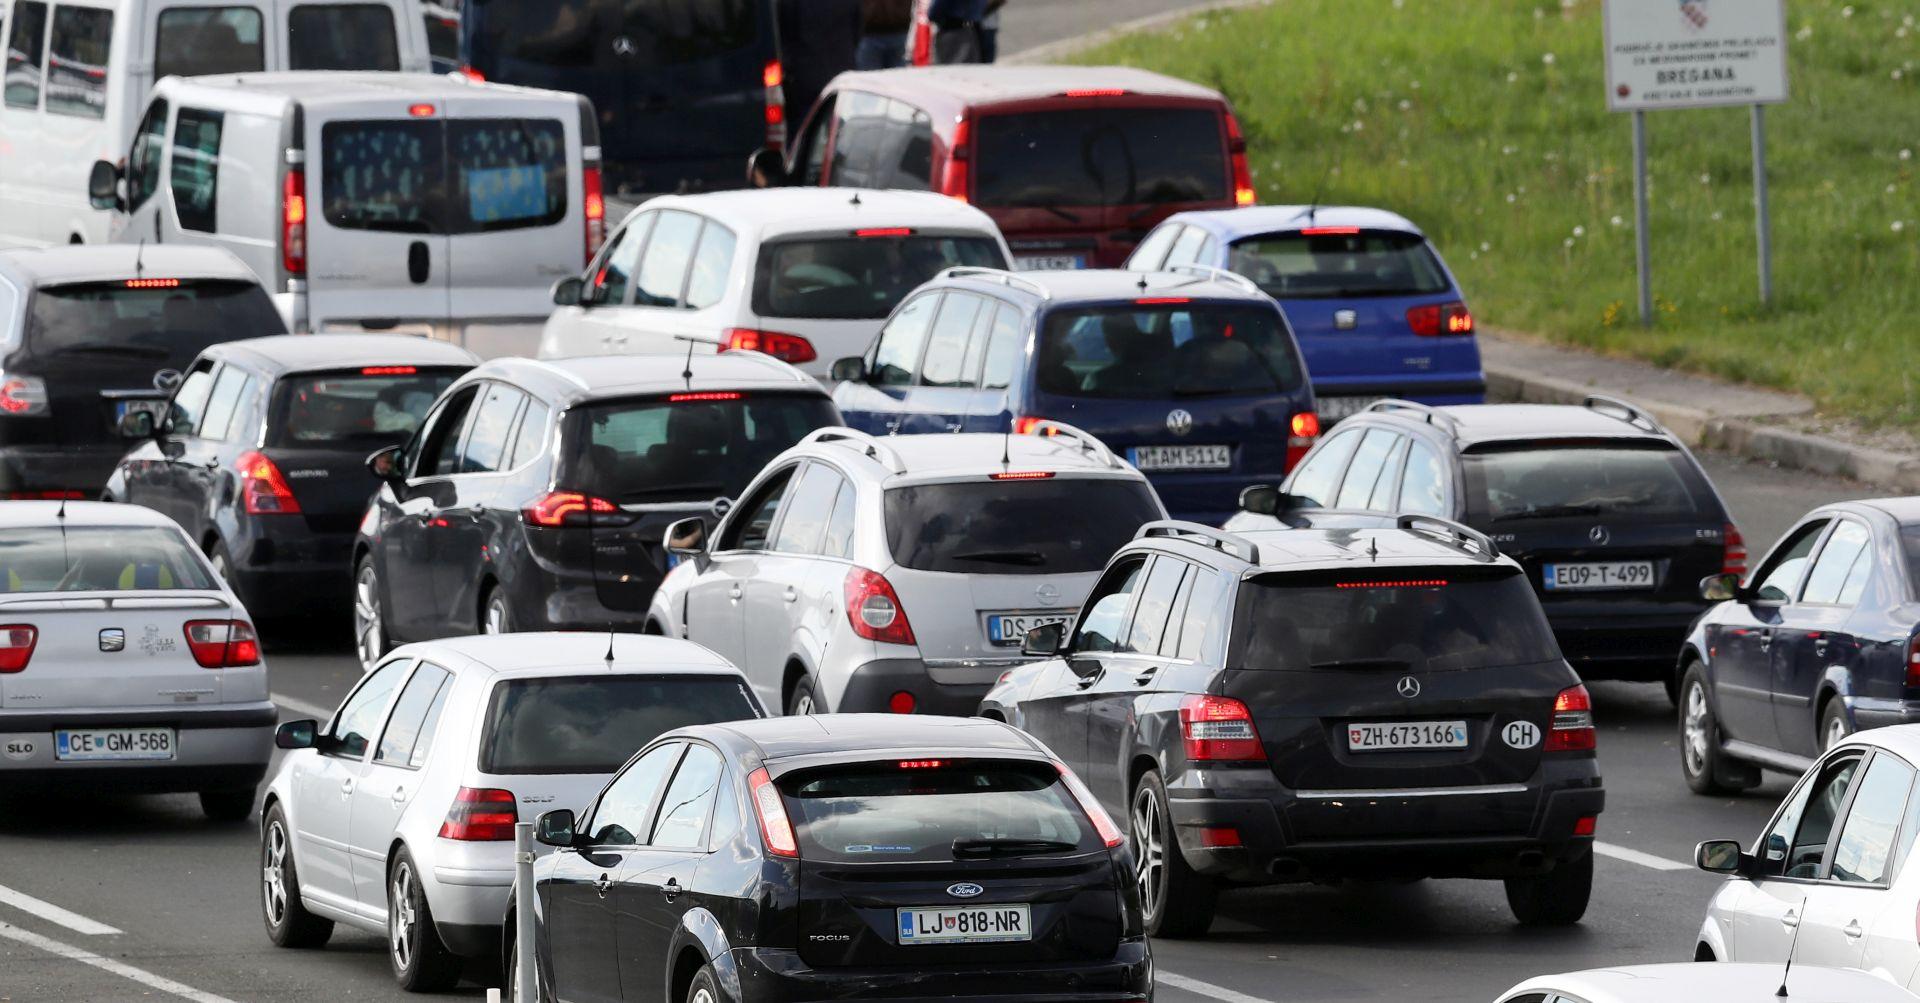 HAK Pojačan promet na većini cesta u smjeru unutrašnjosti, gužve na granicama